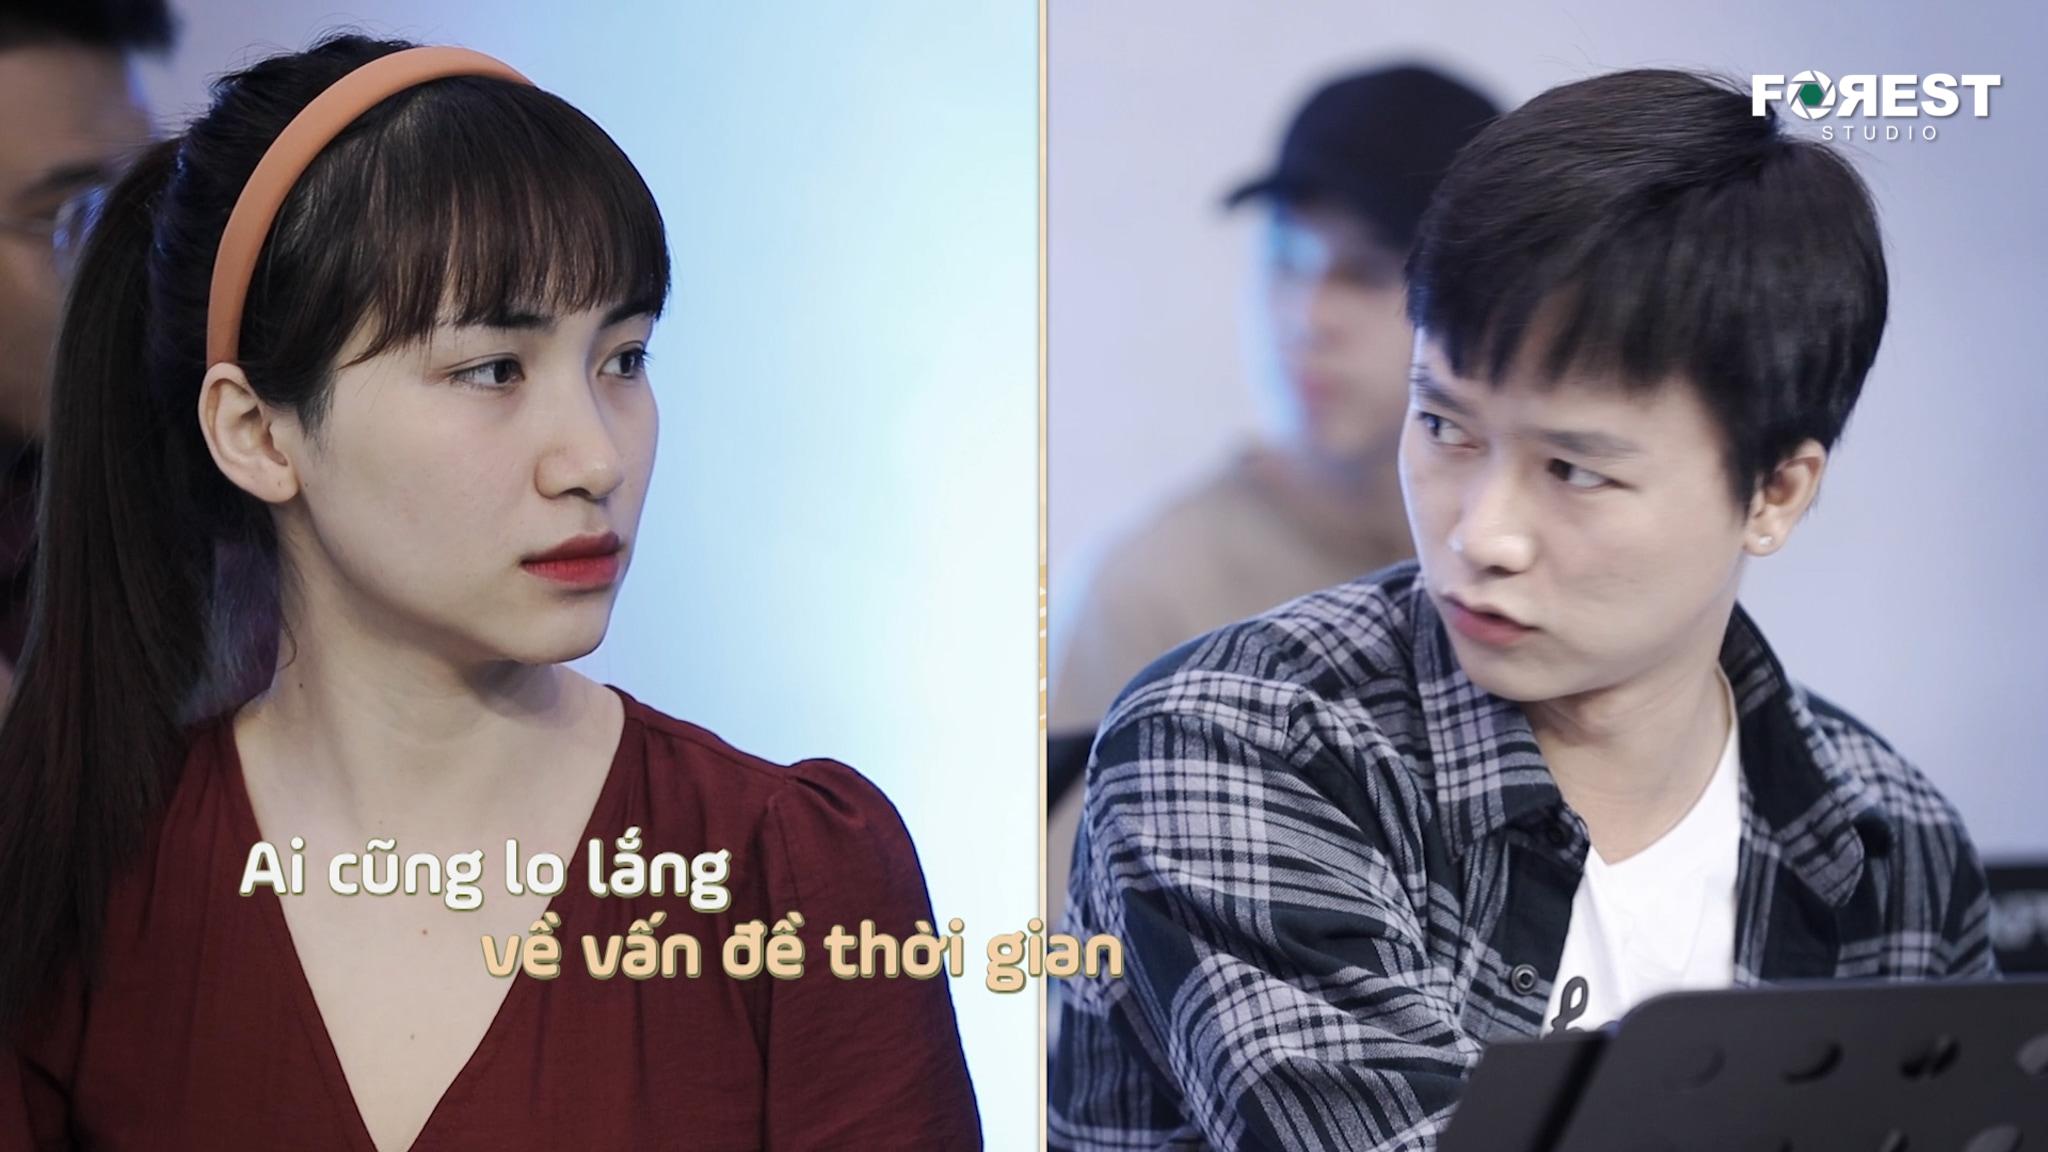 Hòa Minzy mượn hit cầu hôn bạn trai là đại gia phân bón nhưng chưa trả tiền? - 1